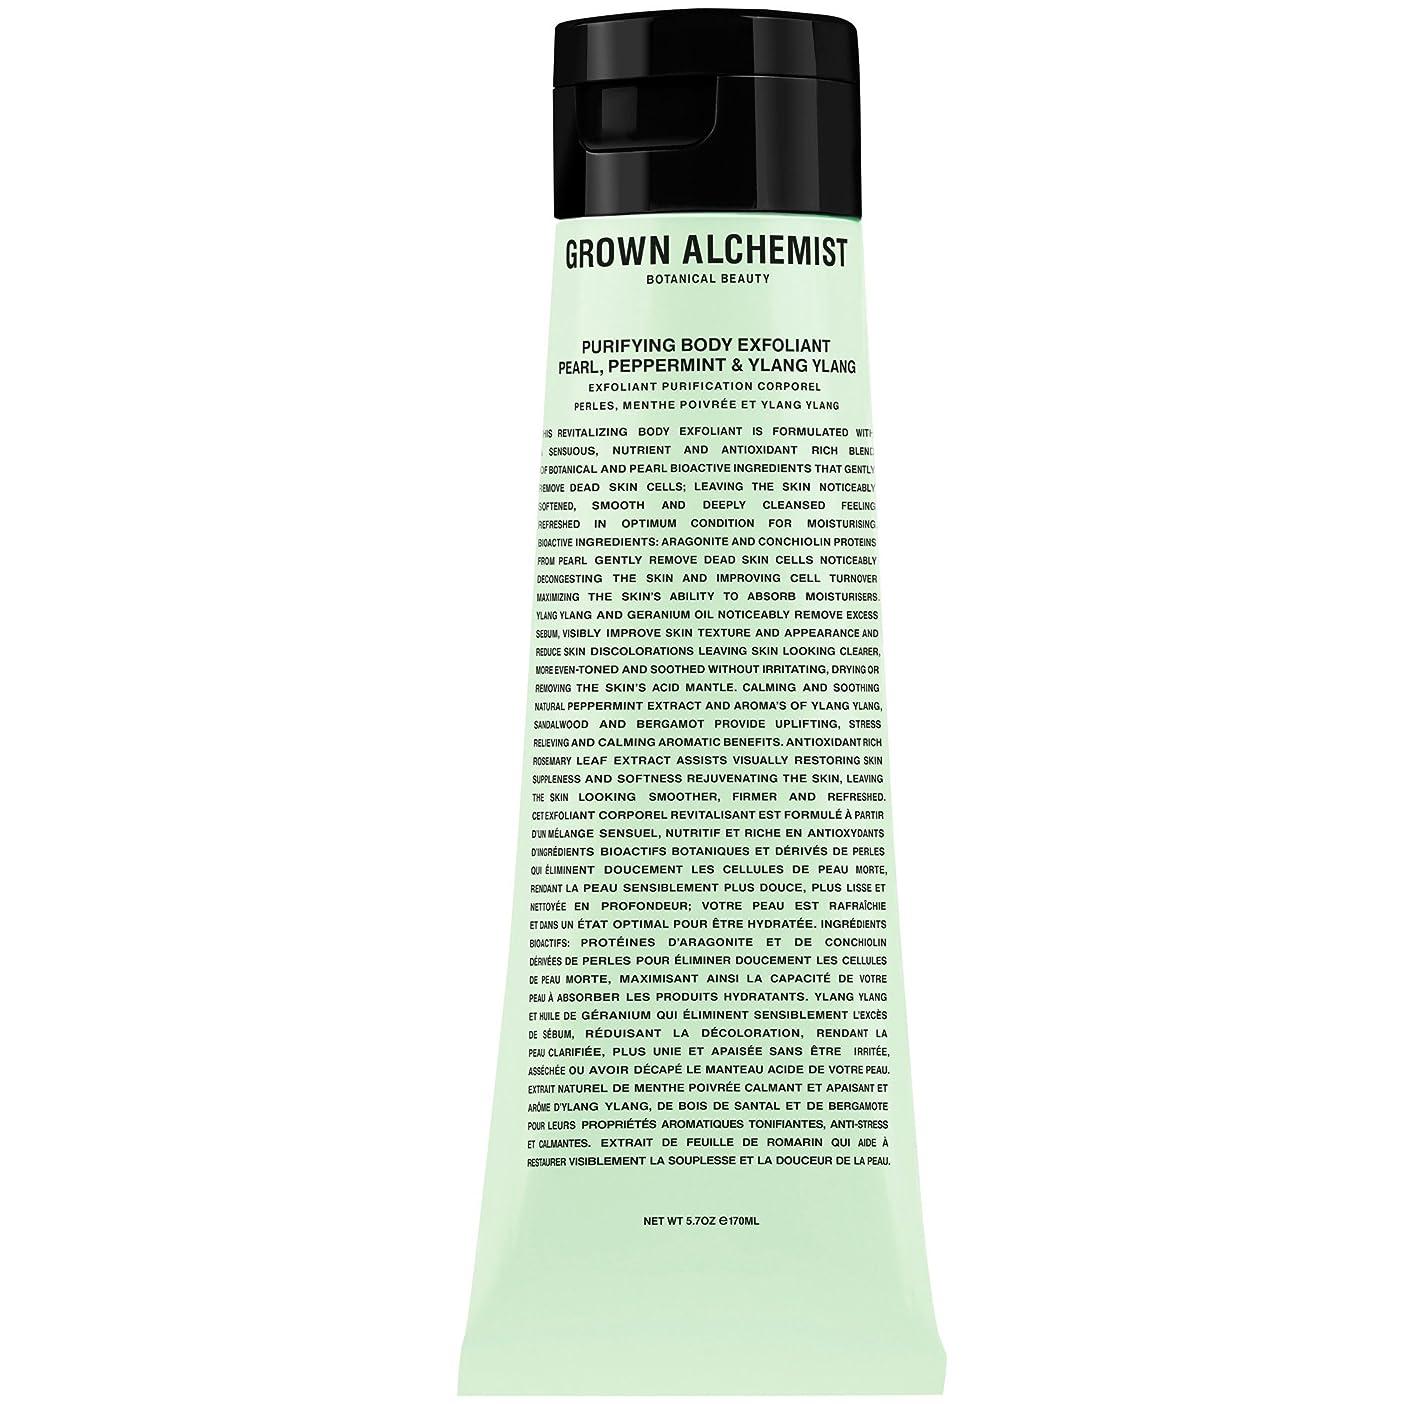 クリアロッカー大胆な成長した錬金術師浄化体剥脱真珠ペパーミント&イランイラン170ミリリットル (Grown Alchemist) (x2) - Grown Alchemist Purifying Body Exfoliant Pearl Peppermint & Ylang Ylang 170ml (Pack of 2) [並行輸入品]